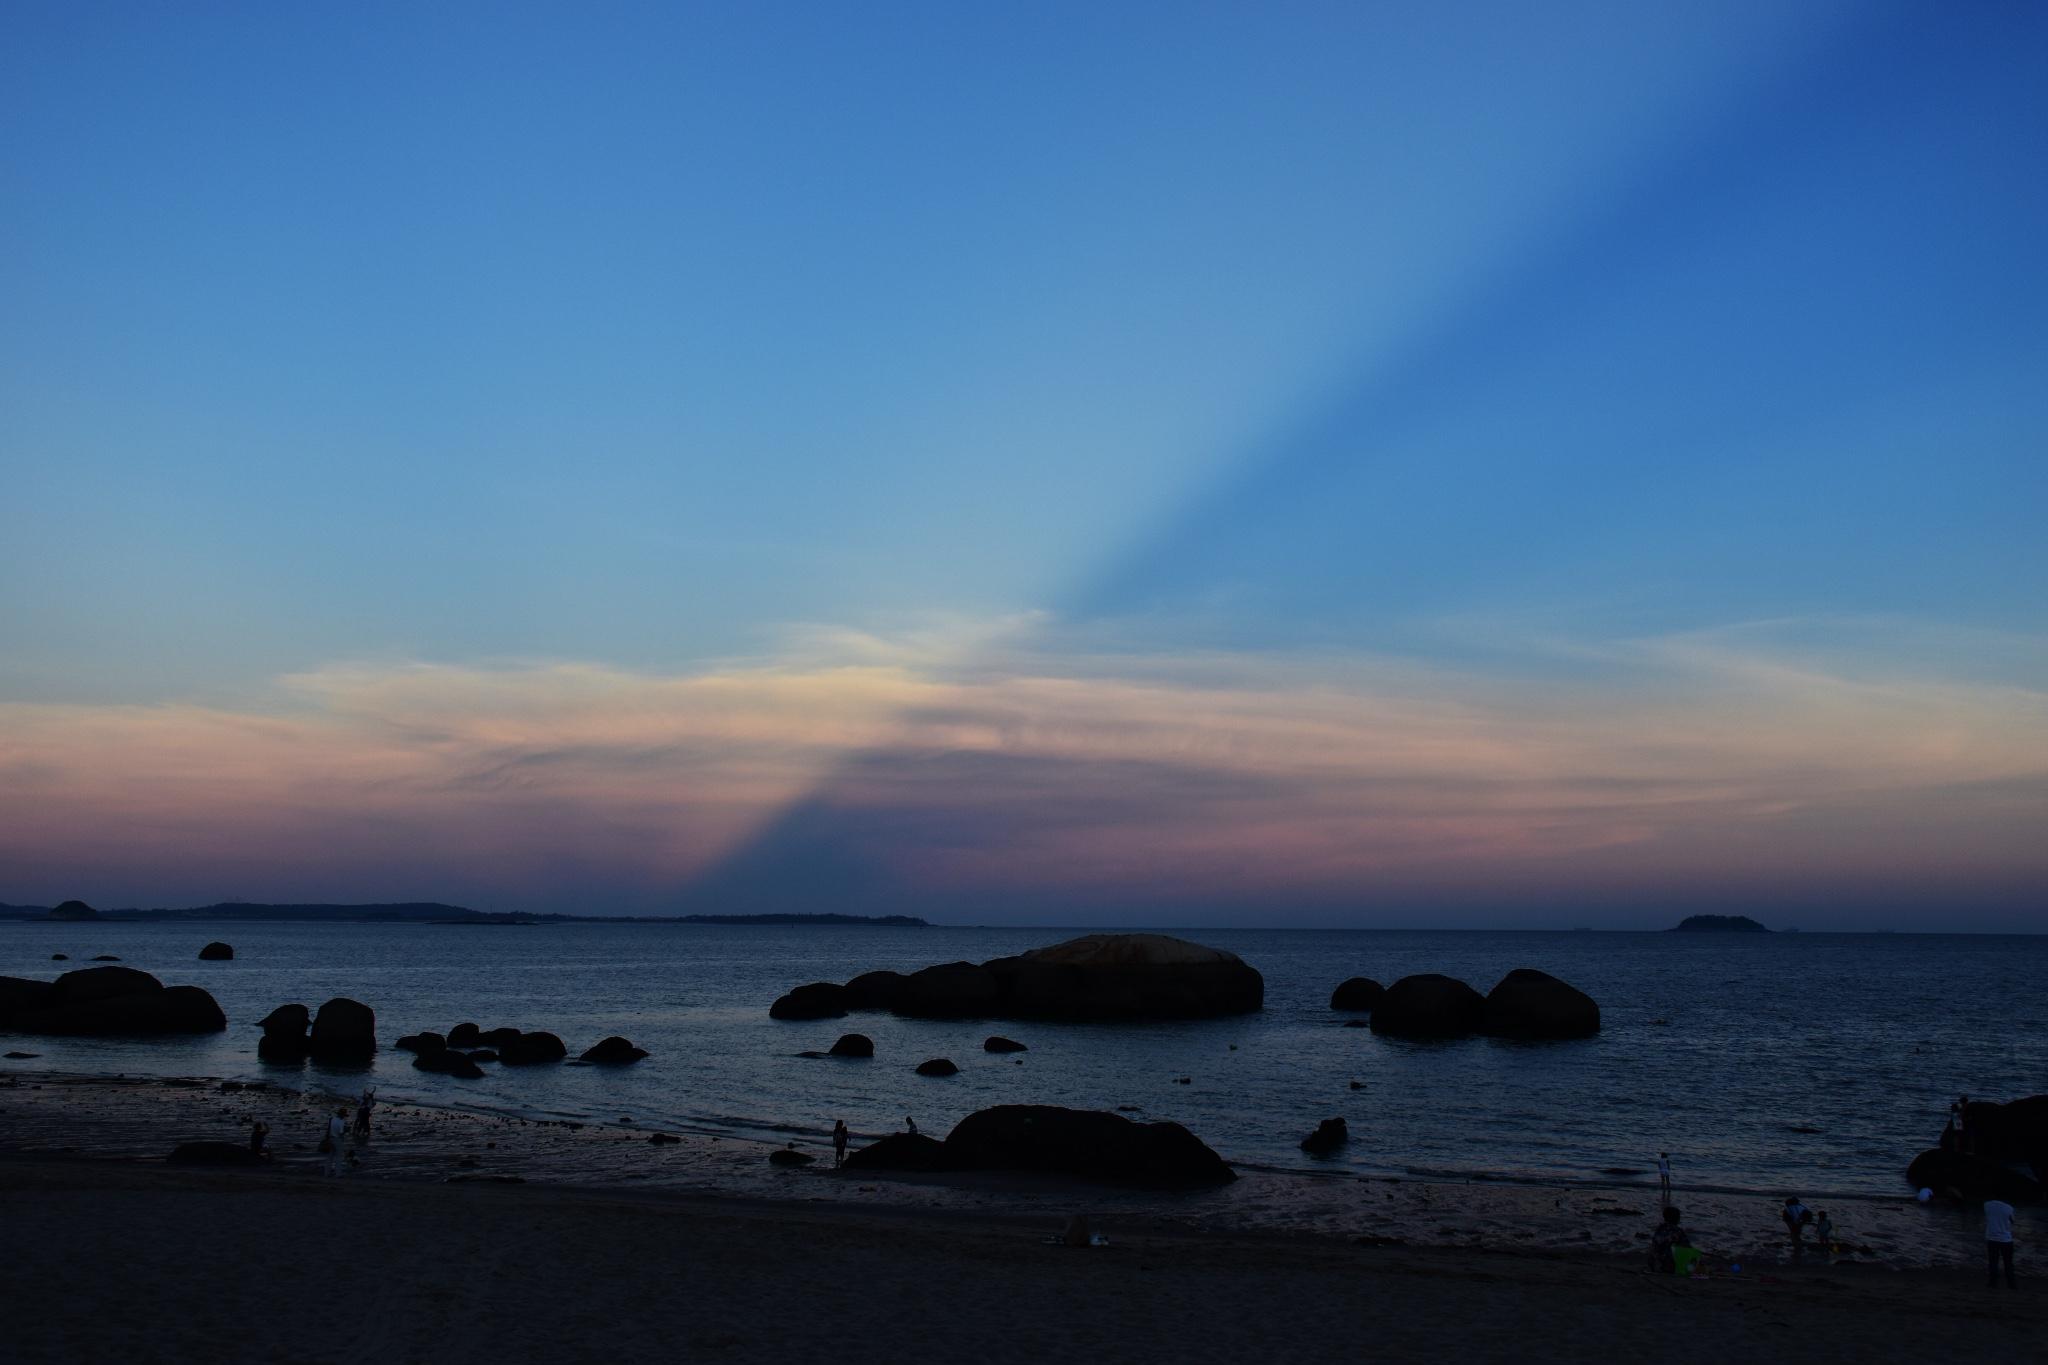 厦门黄厝海滩看海,原来大海真的能给人带来快乐!